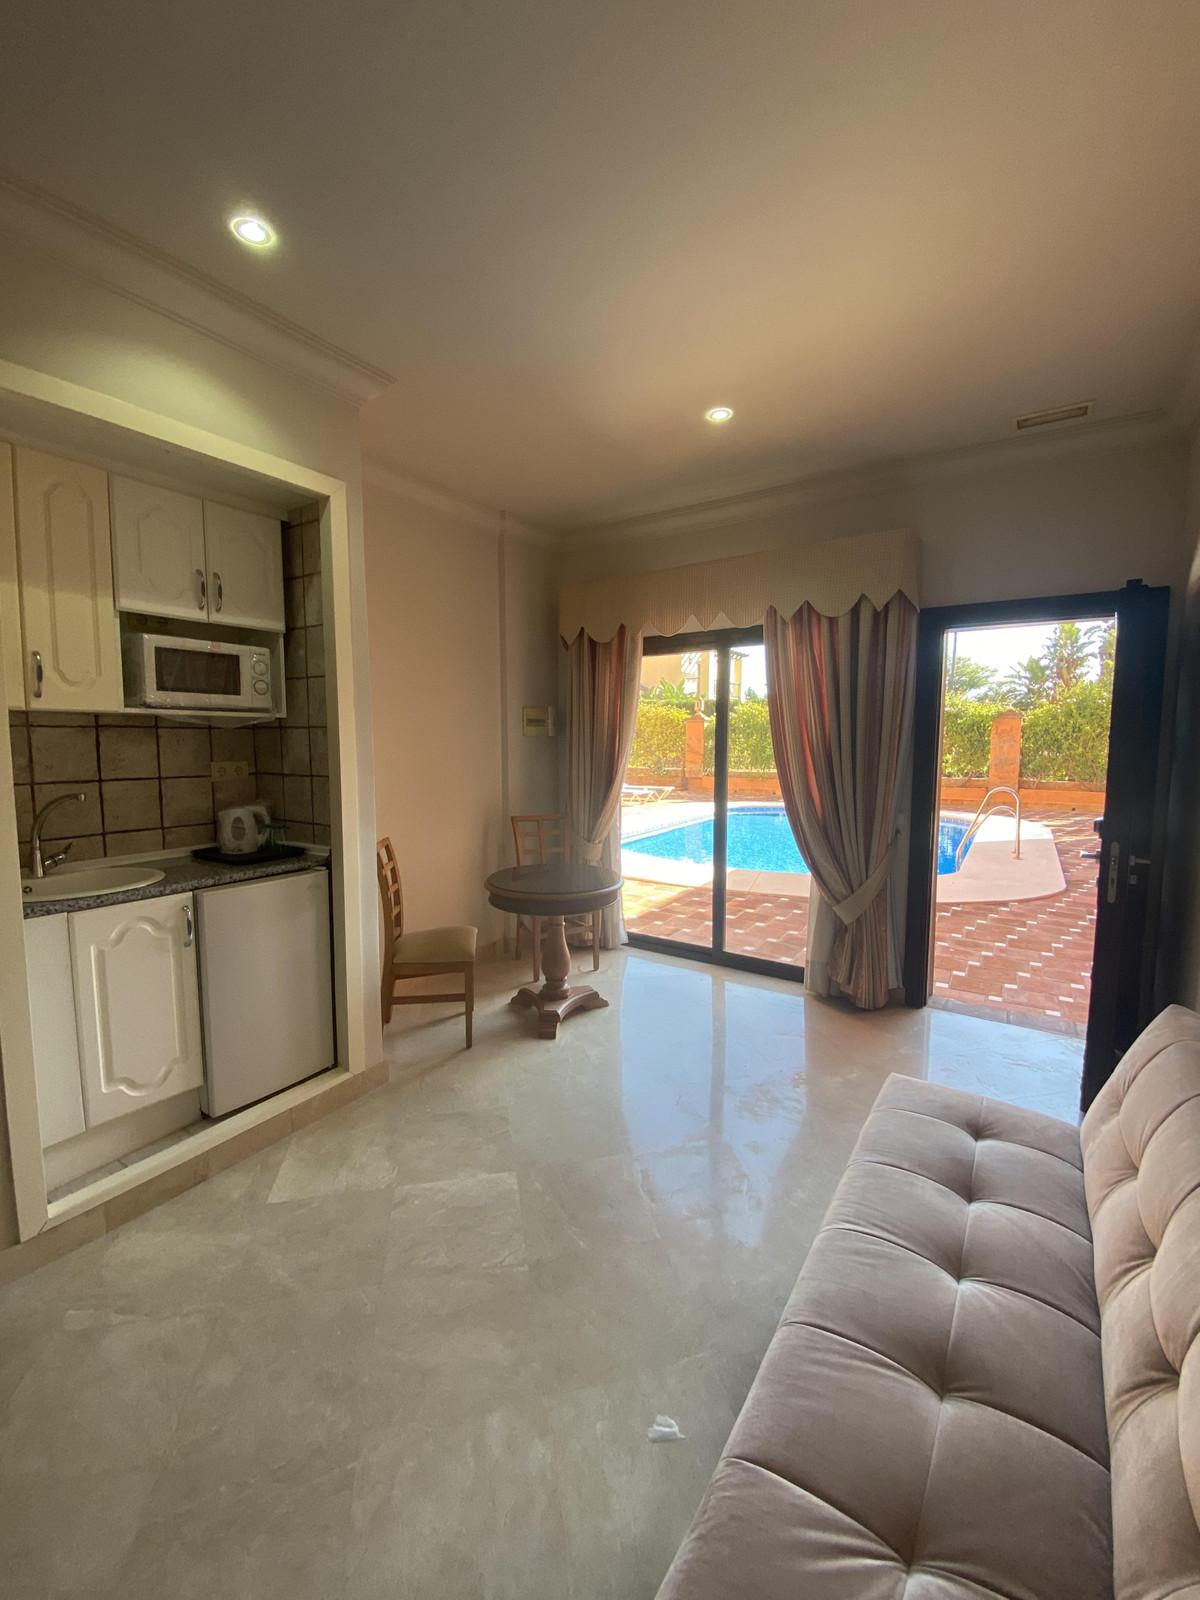 Apartamento - El Paraiso - R3806542 - mibgroup.es